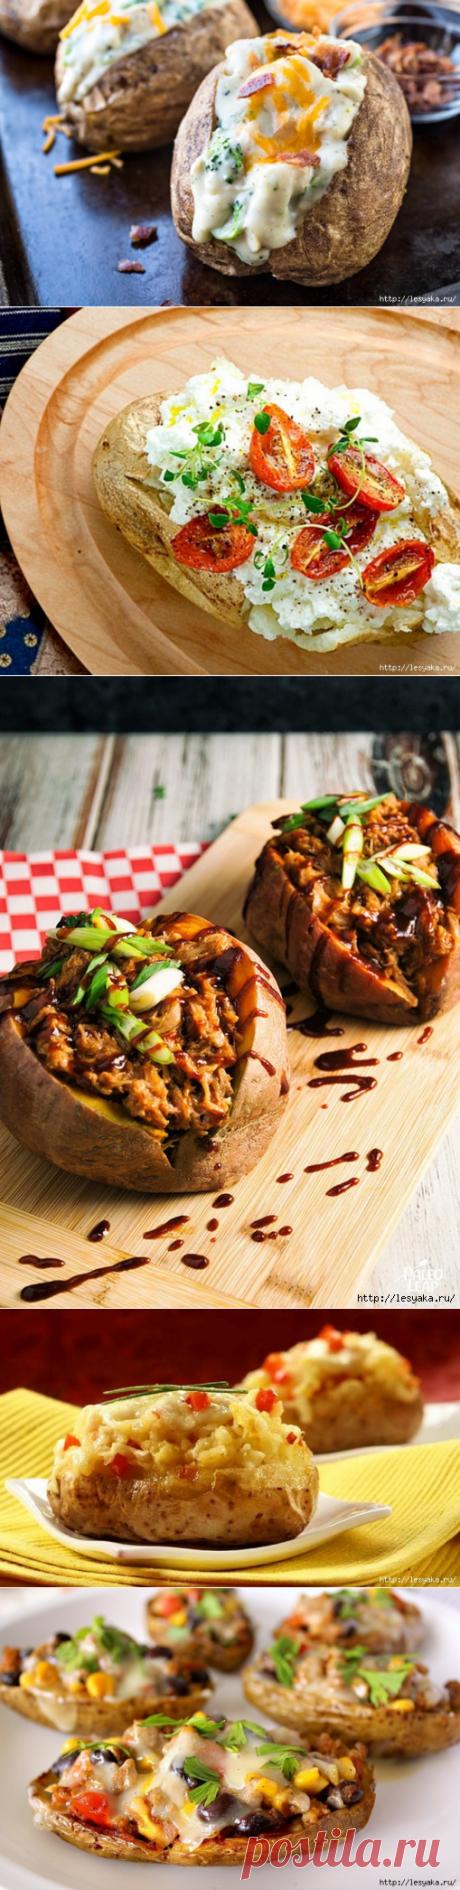 12 способов запечь картошку так, чтобы гости обалдели!